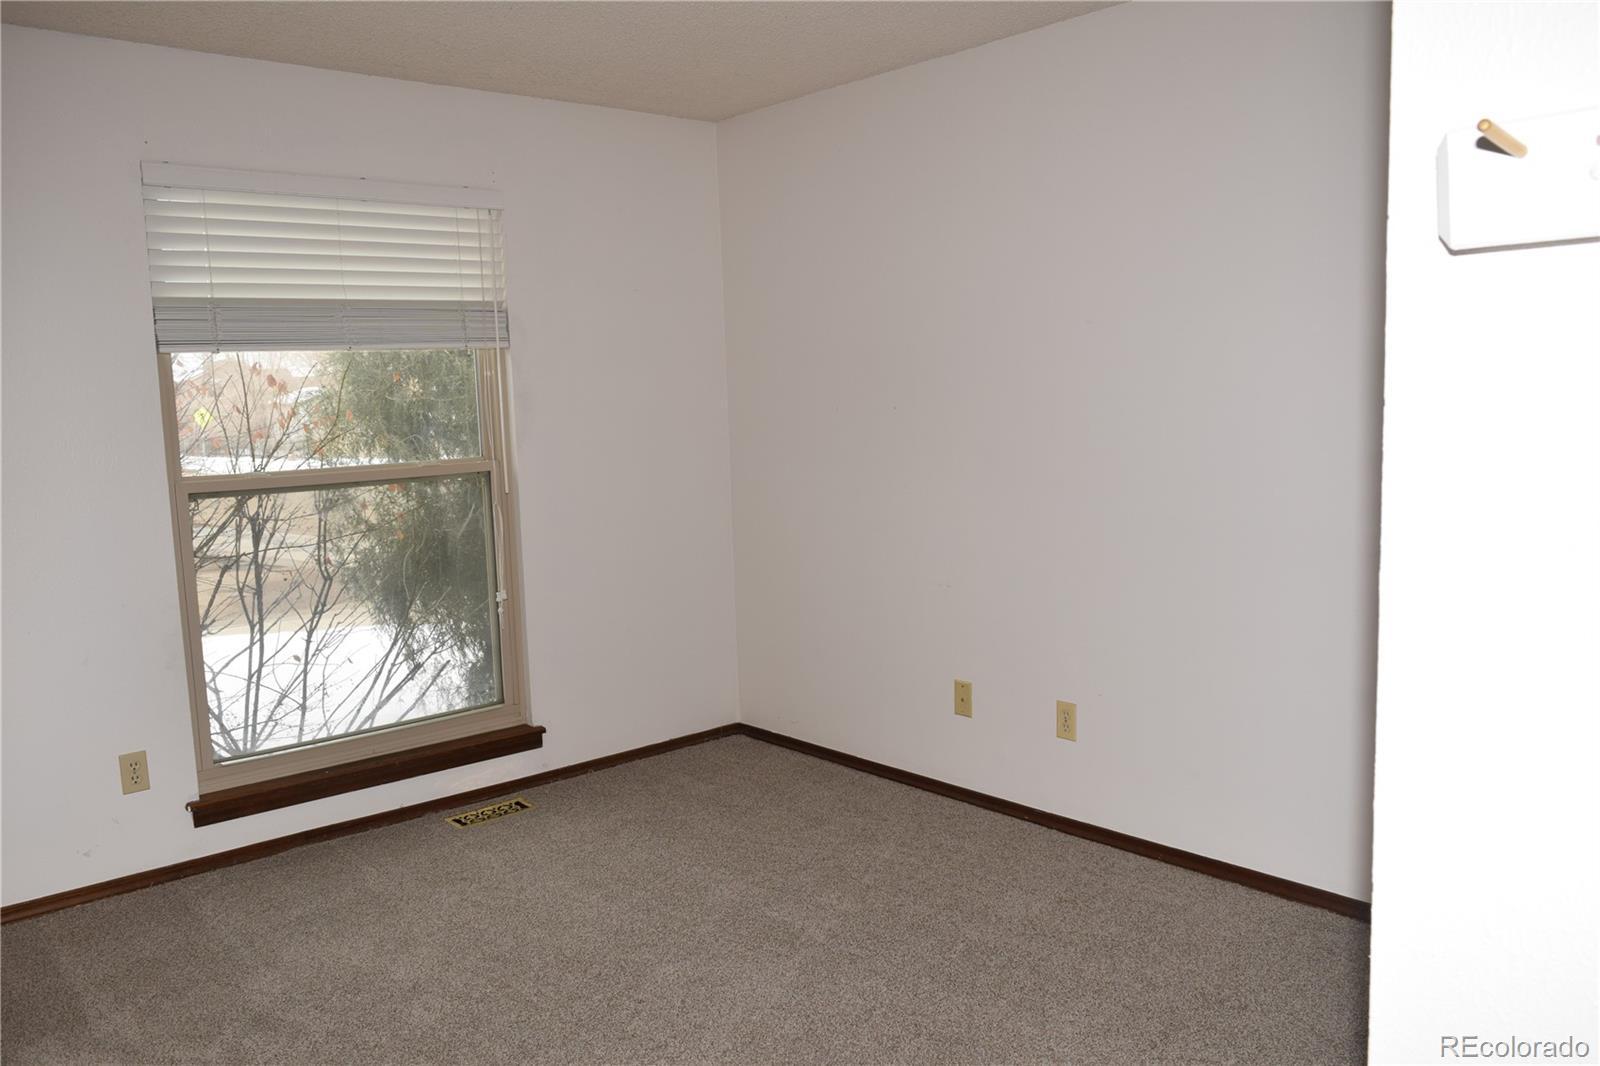 MLS# 8096561 - 9 - 3933 Bosque Court, Boulder, CO 80301